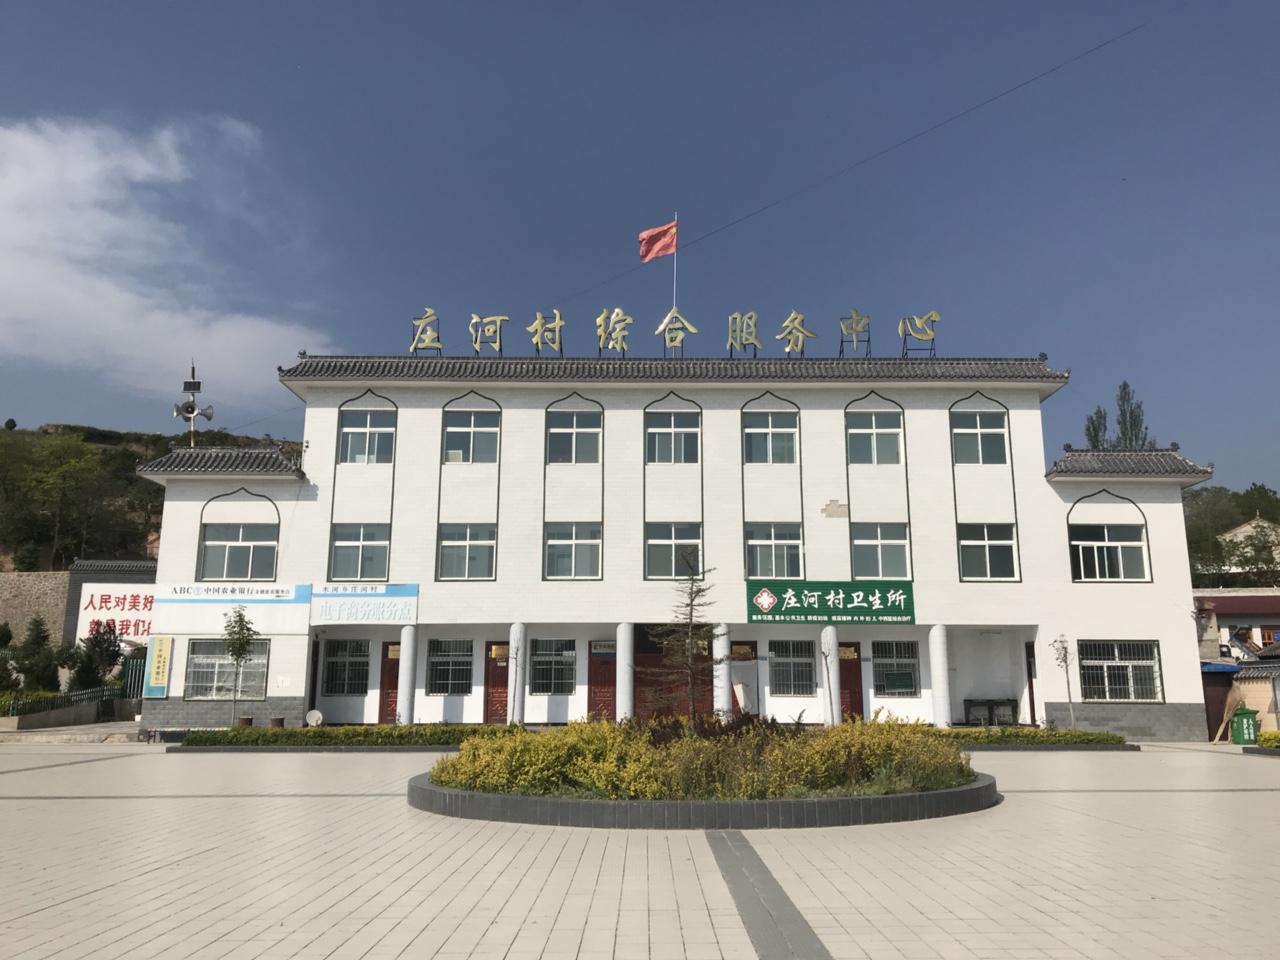 【文化惠民】木河乡庄河村综合文化服务中心风�